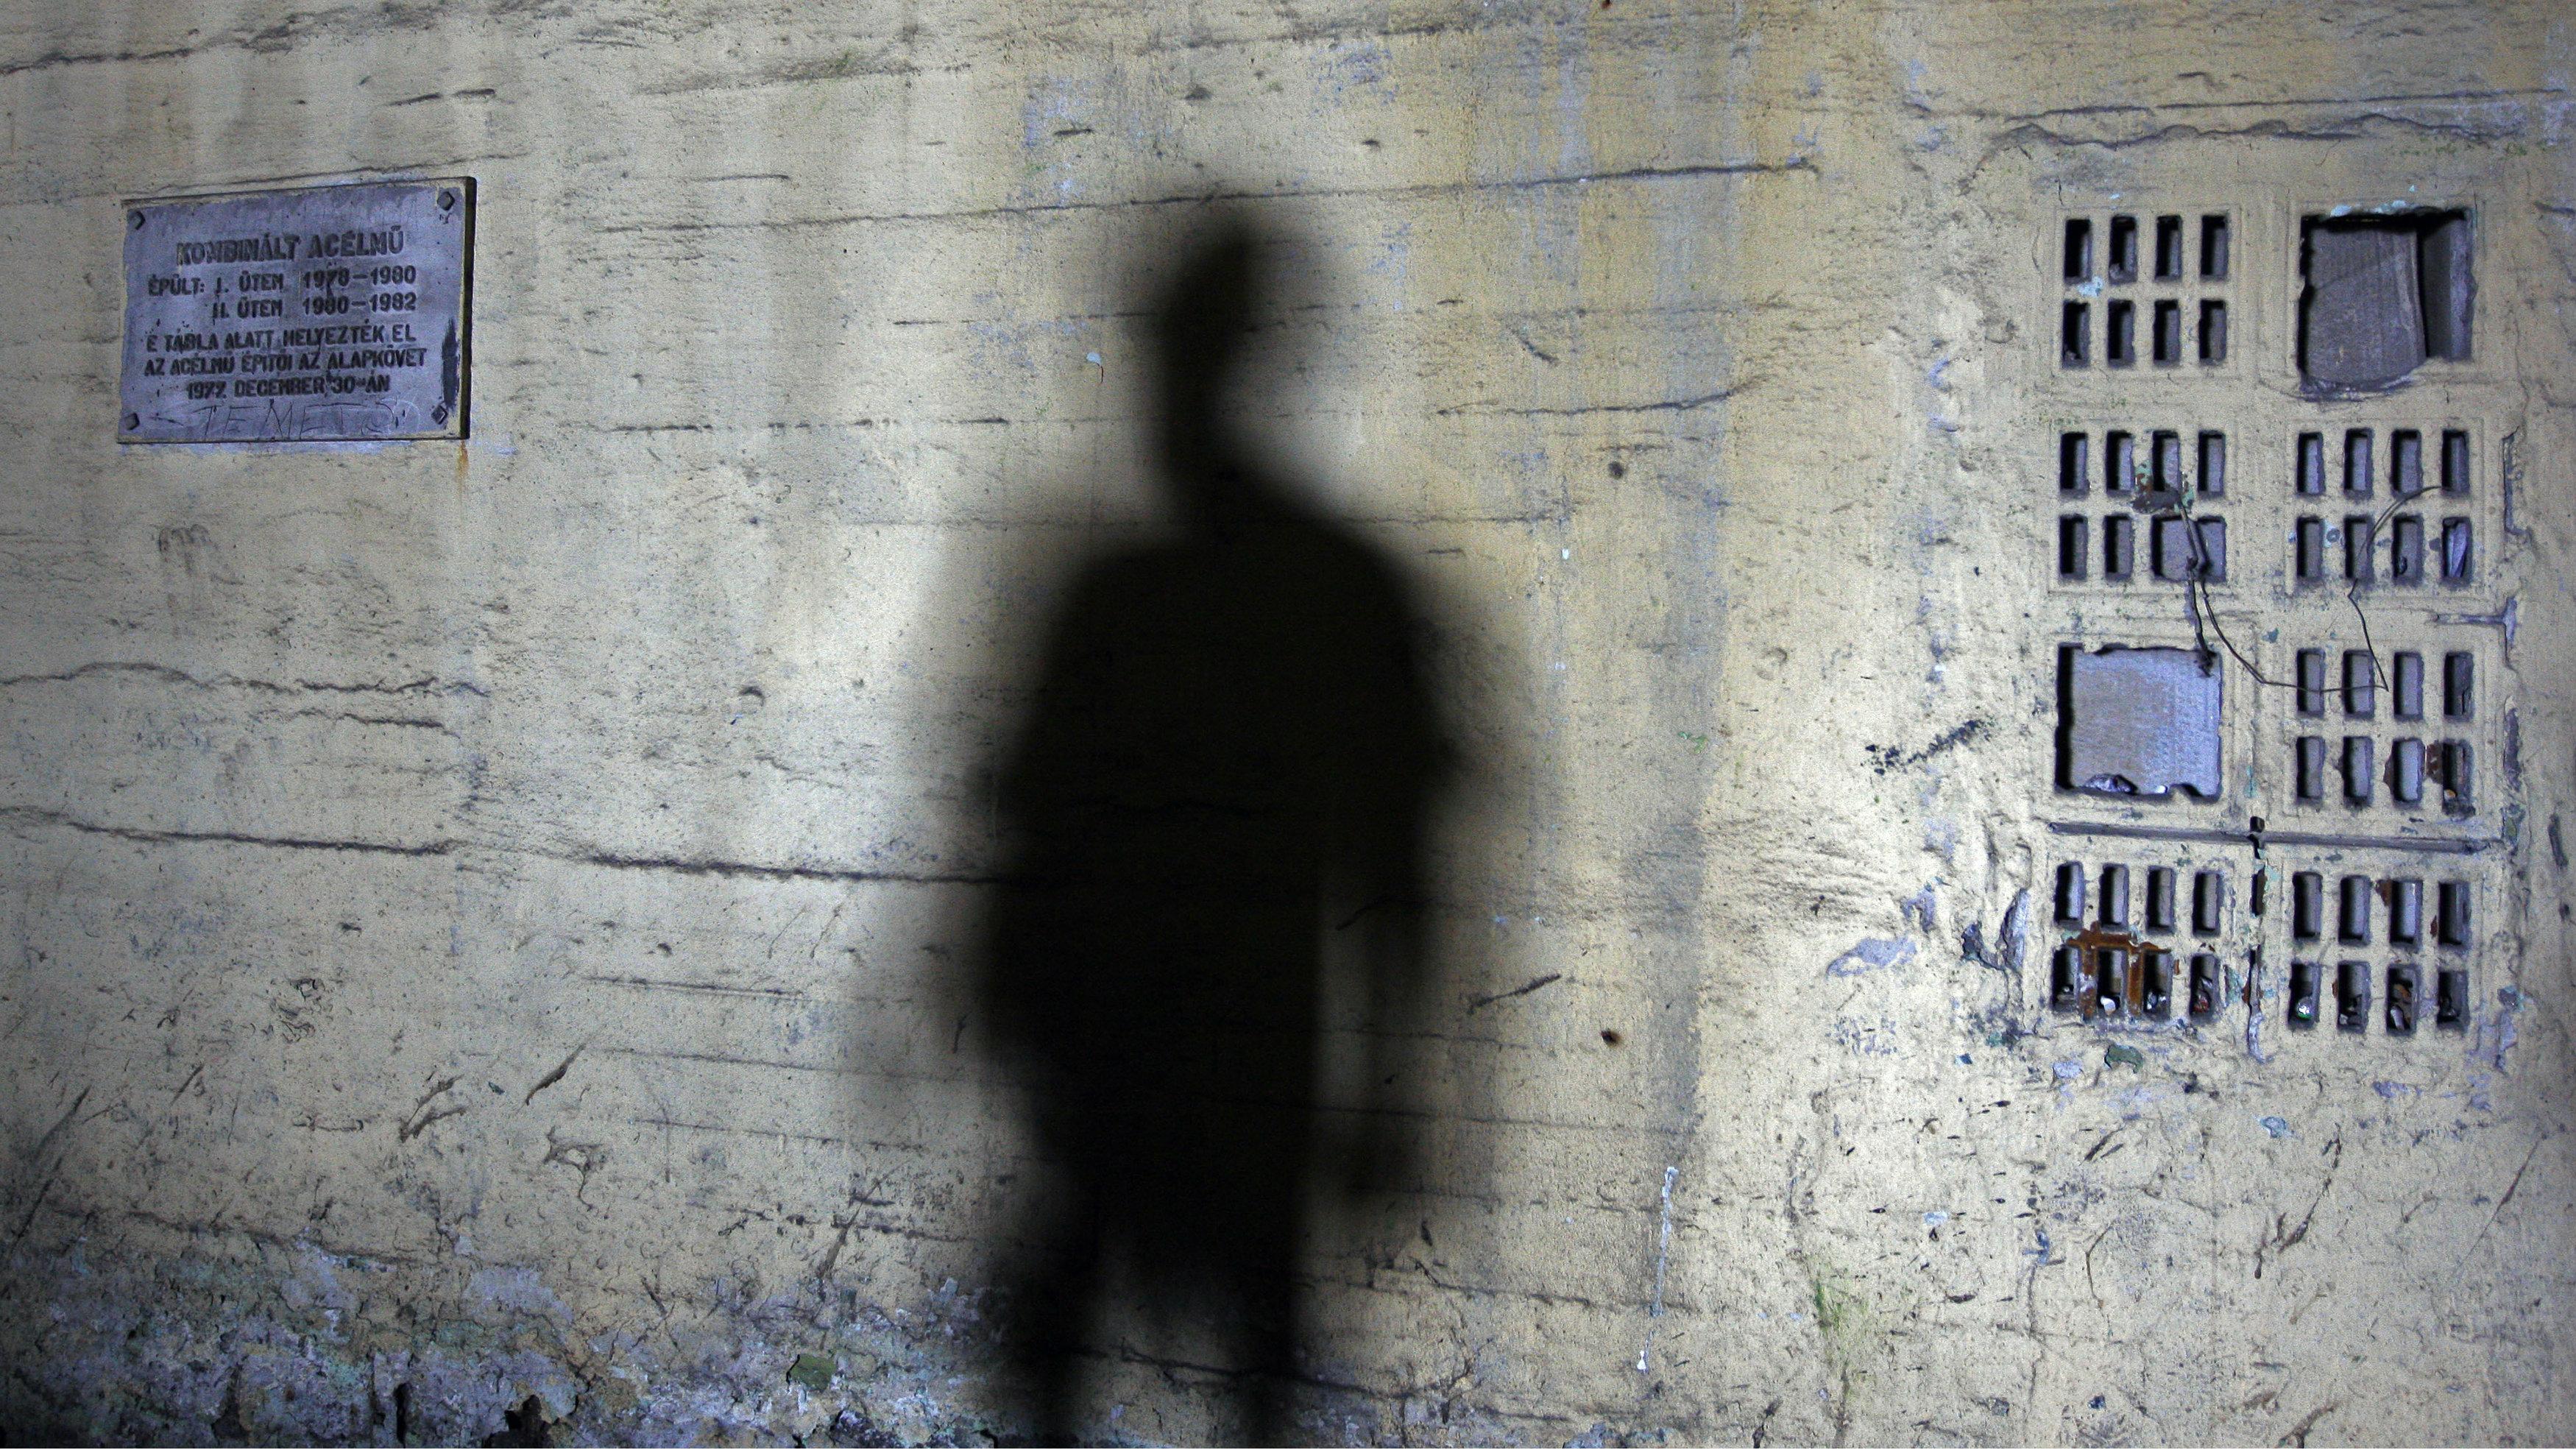 Everyone has a shadow.